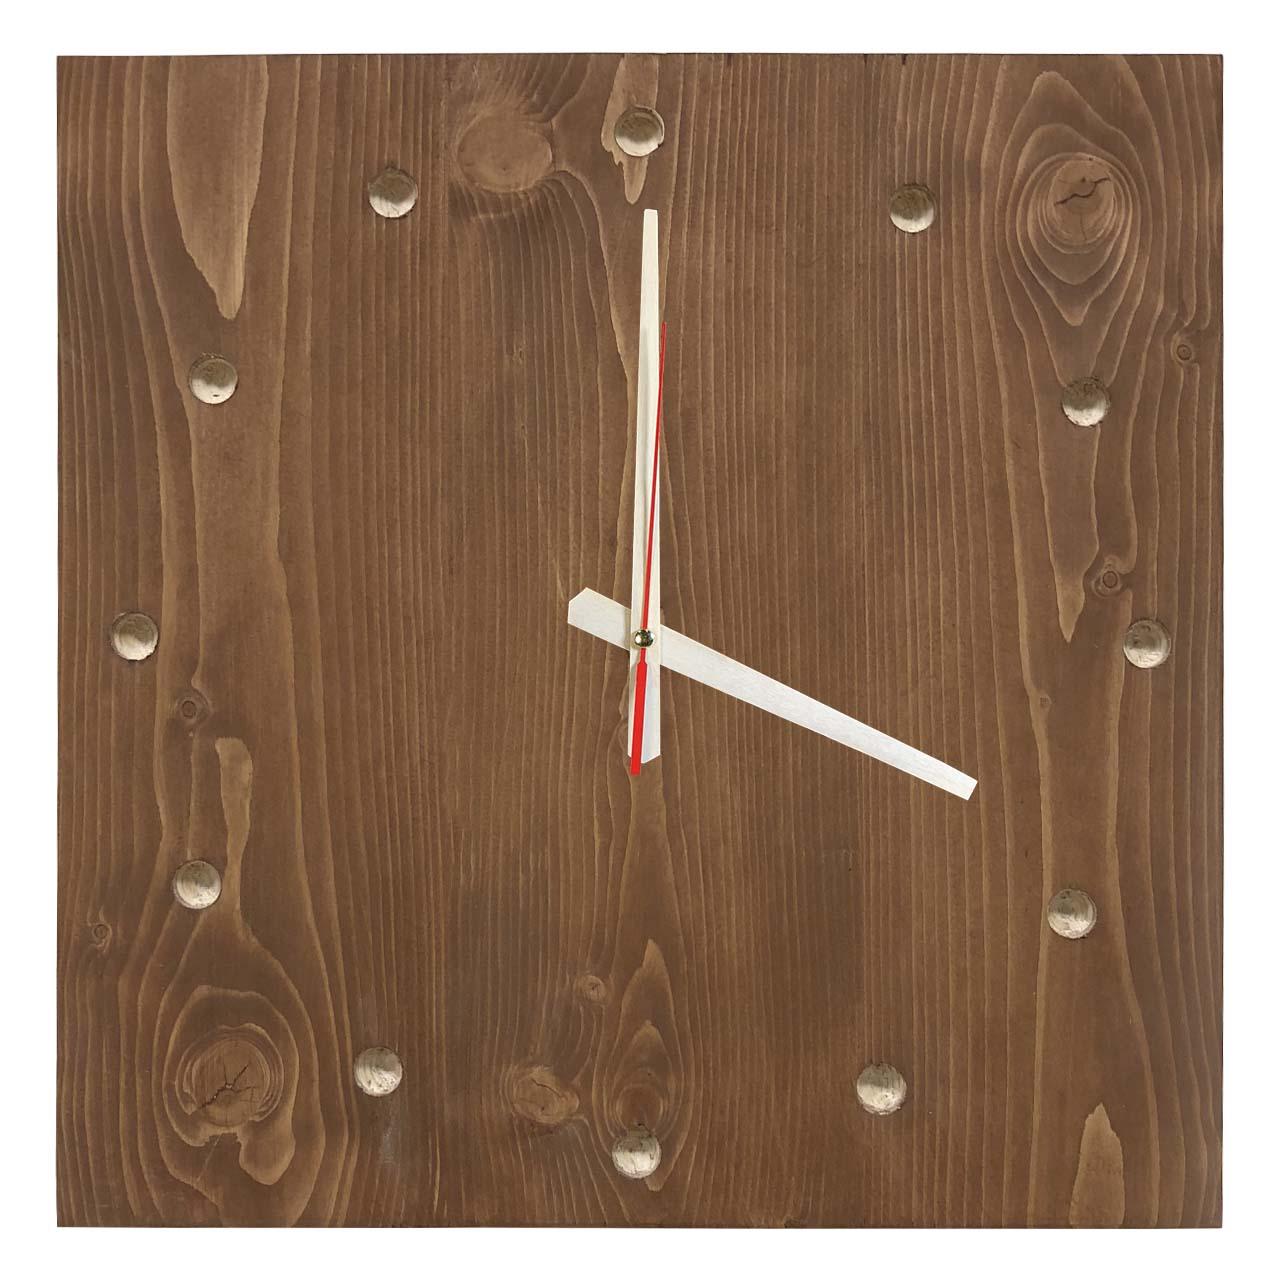 ساعت دیواری چوبی مدل Sssimple 116